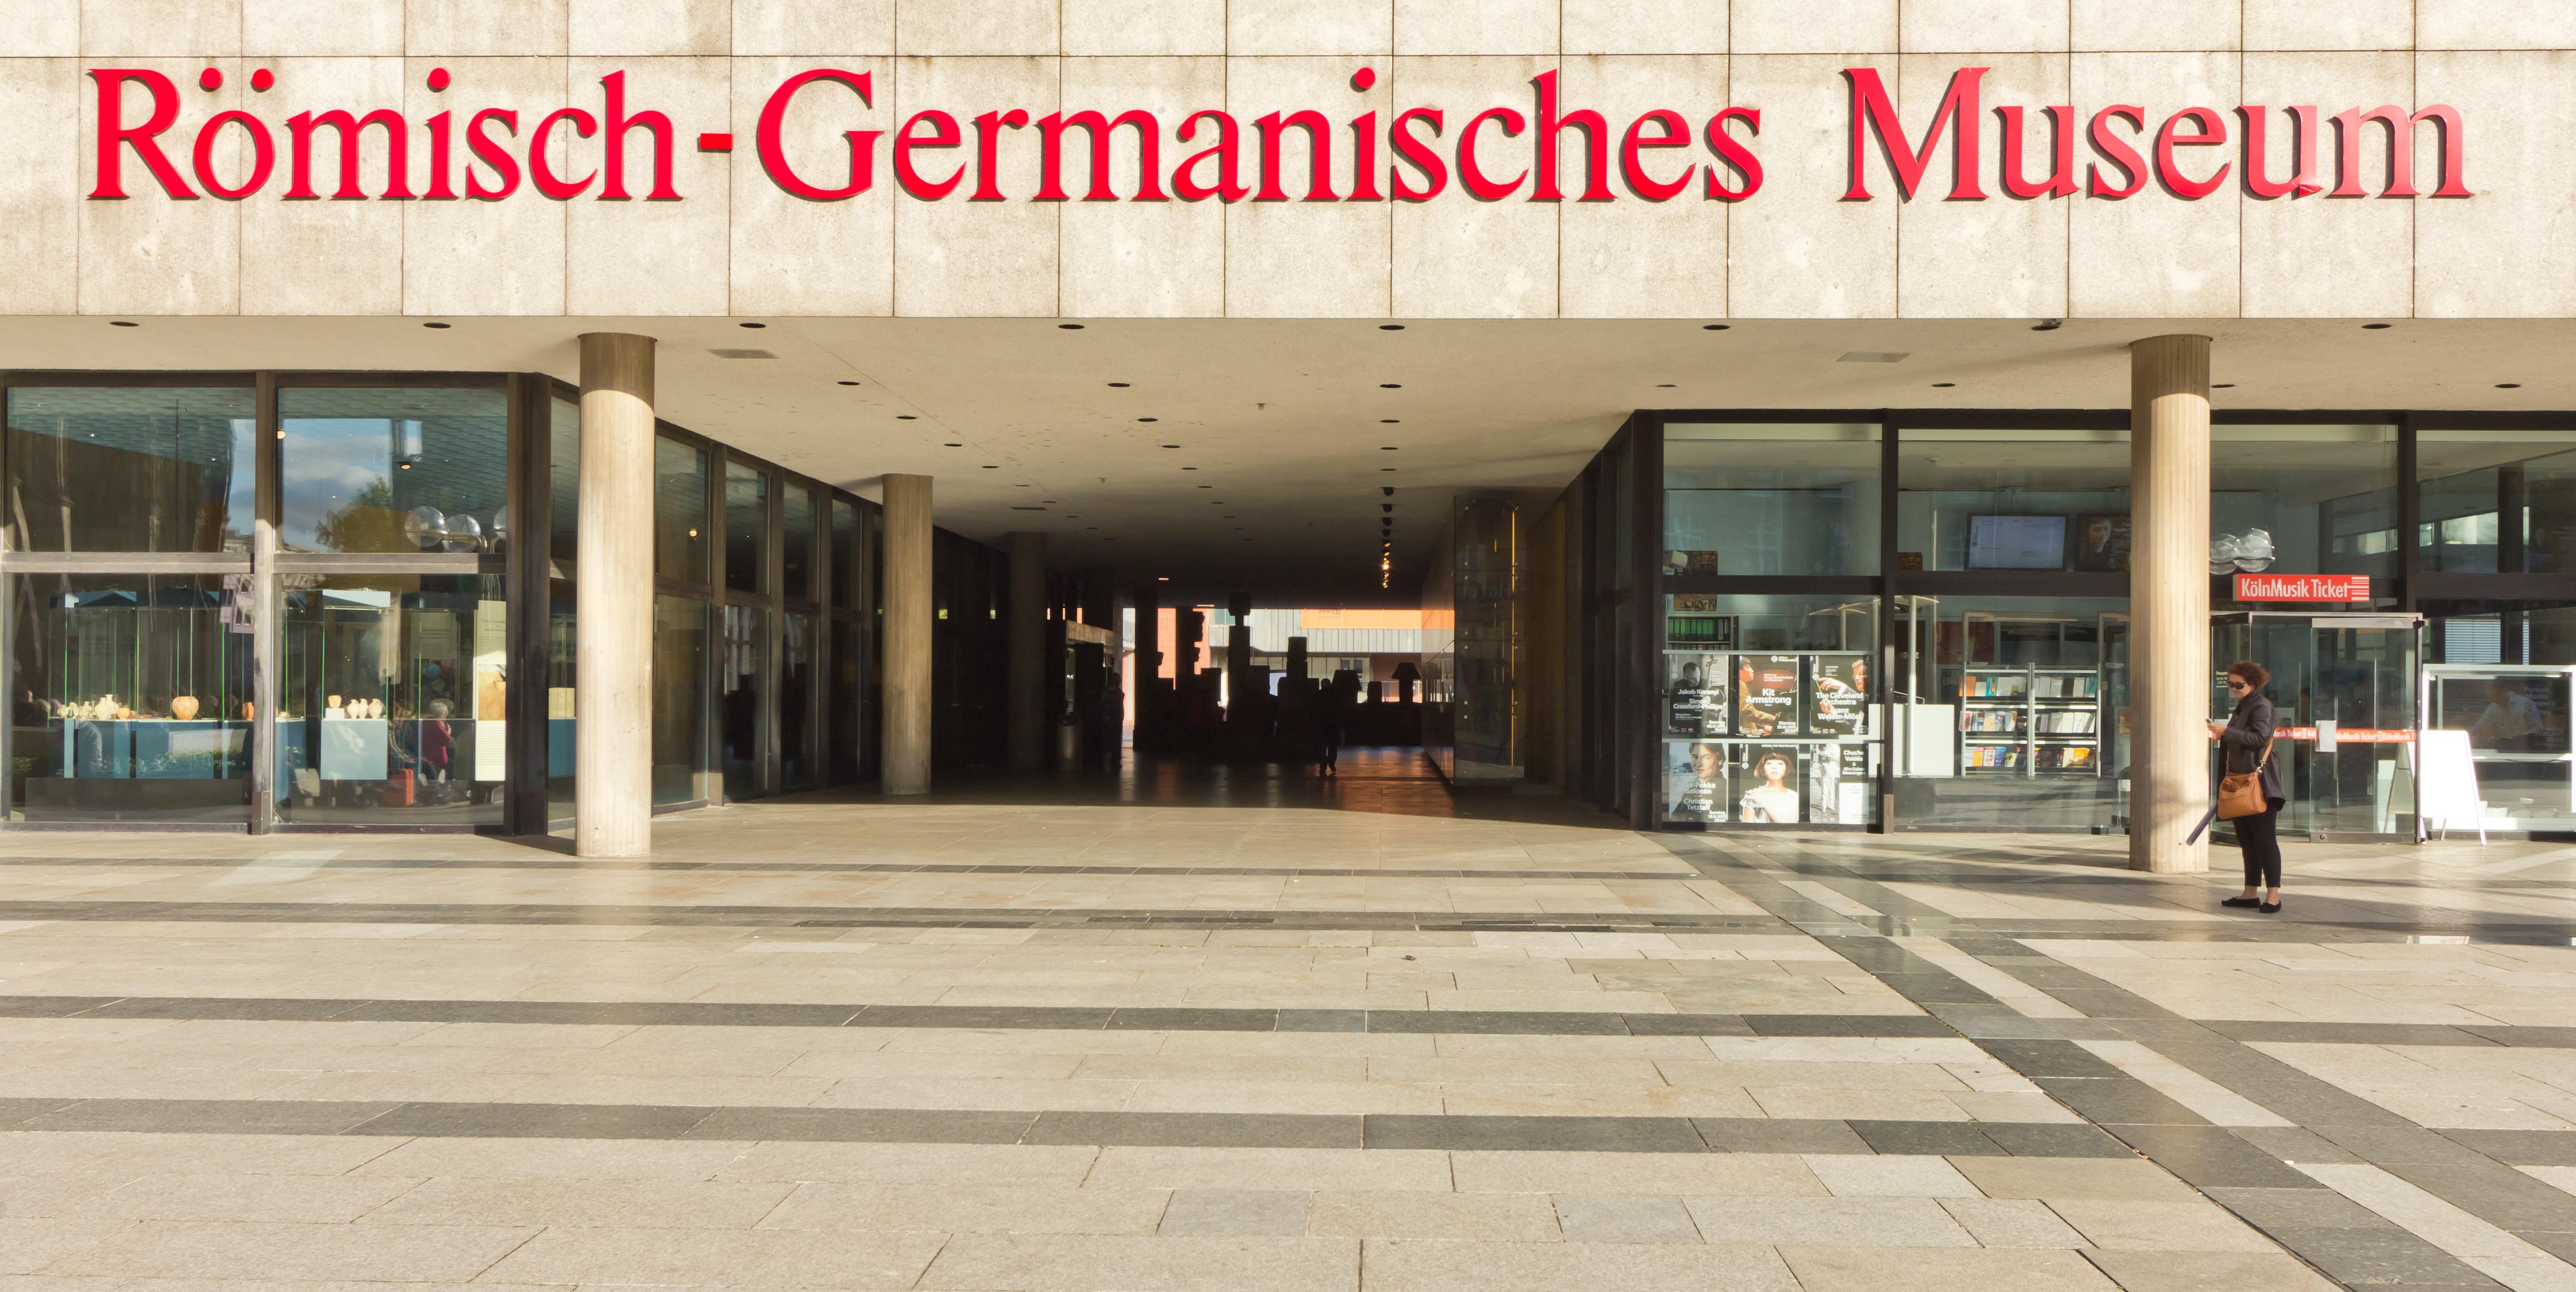 Römisch Germanisches Museum Preise